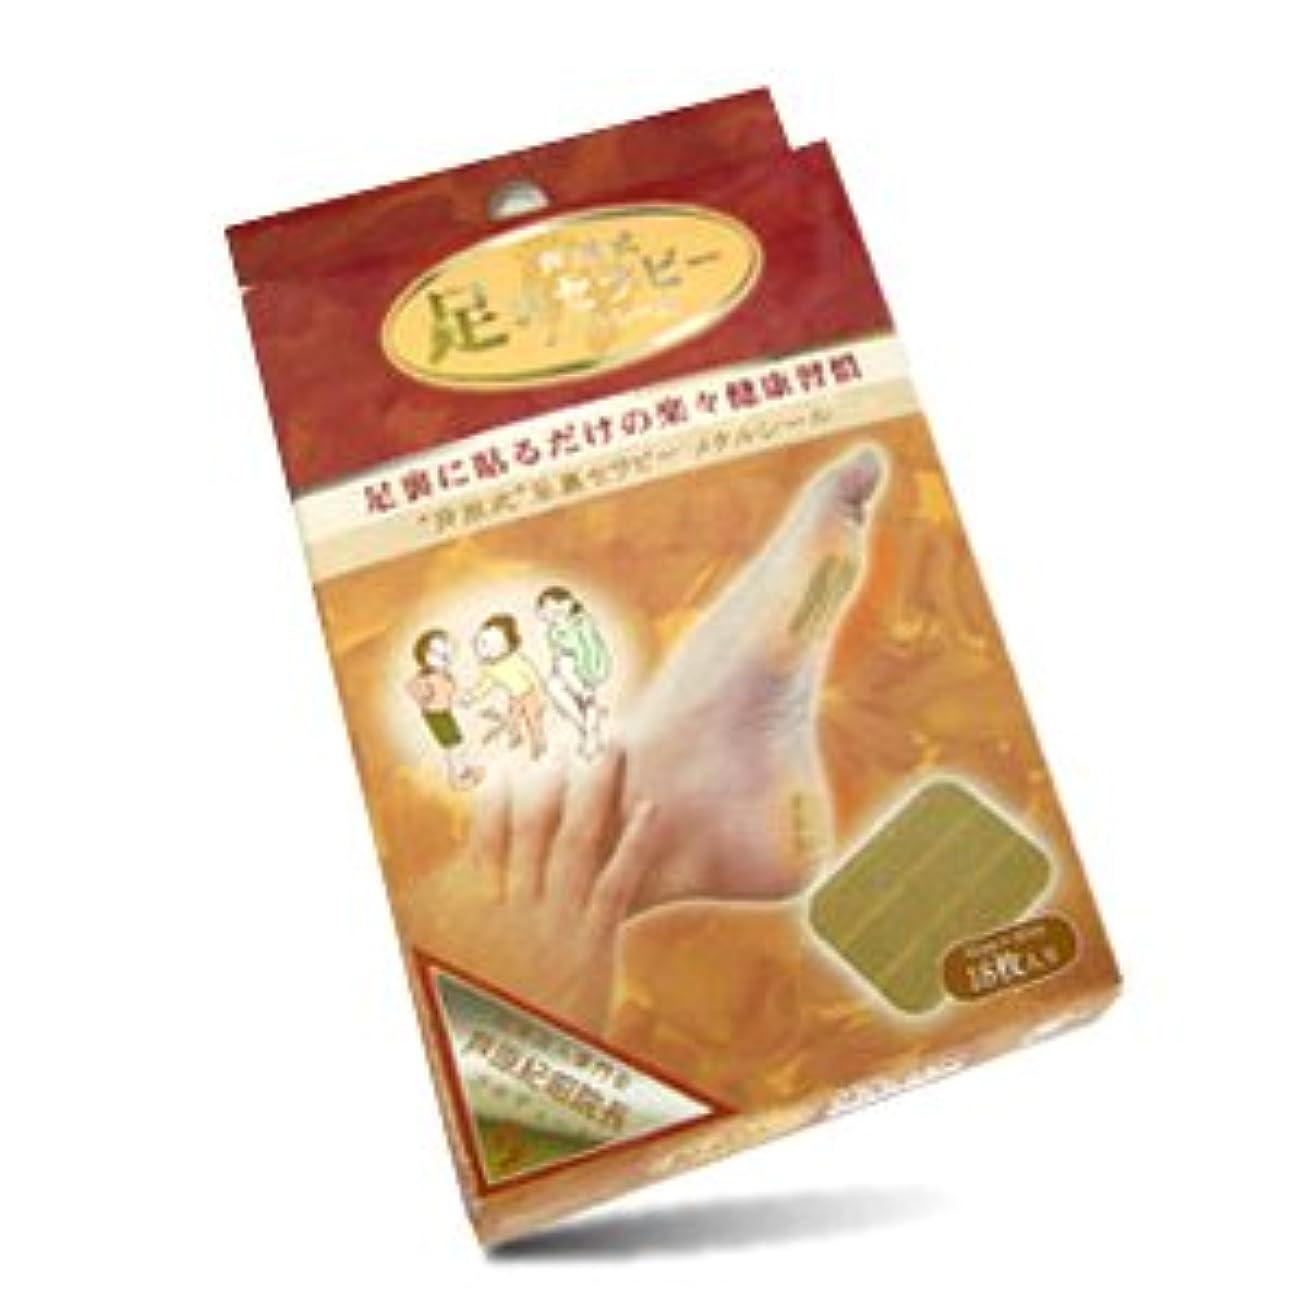 雲電化する分類する芦原式足裏セラピー メタルシール 84枚入り 足裏に貼るだけの楽々健康習慣!